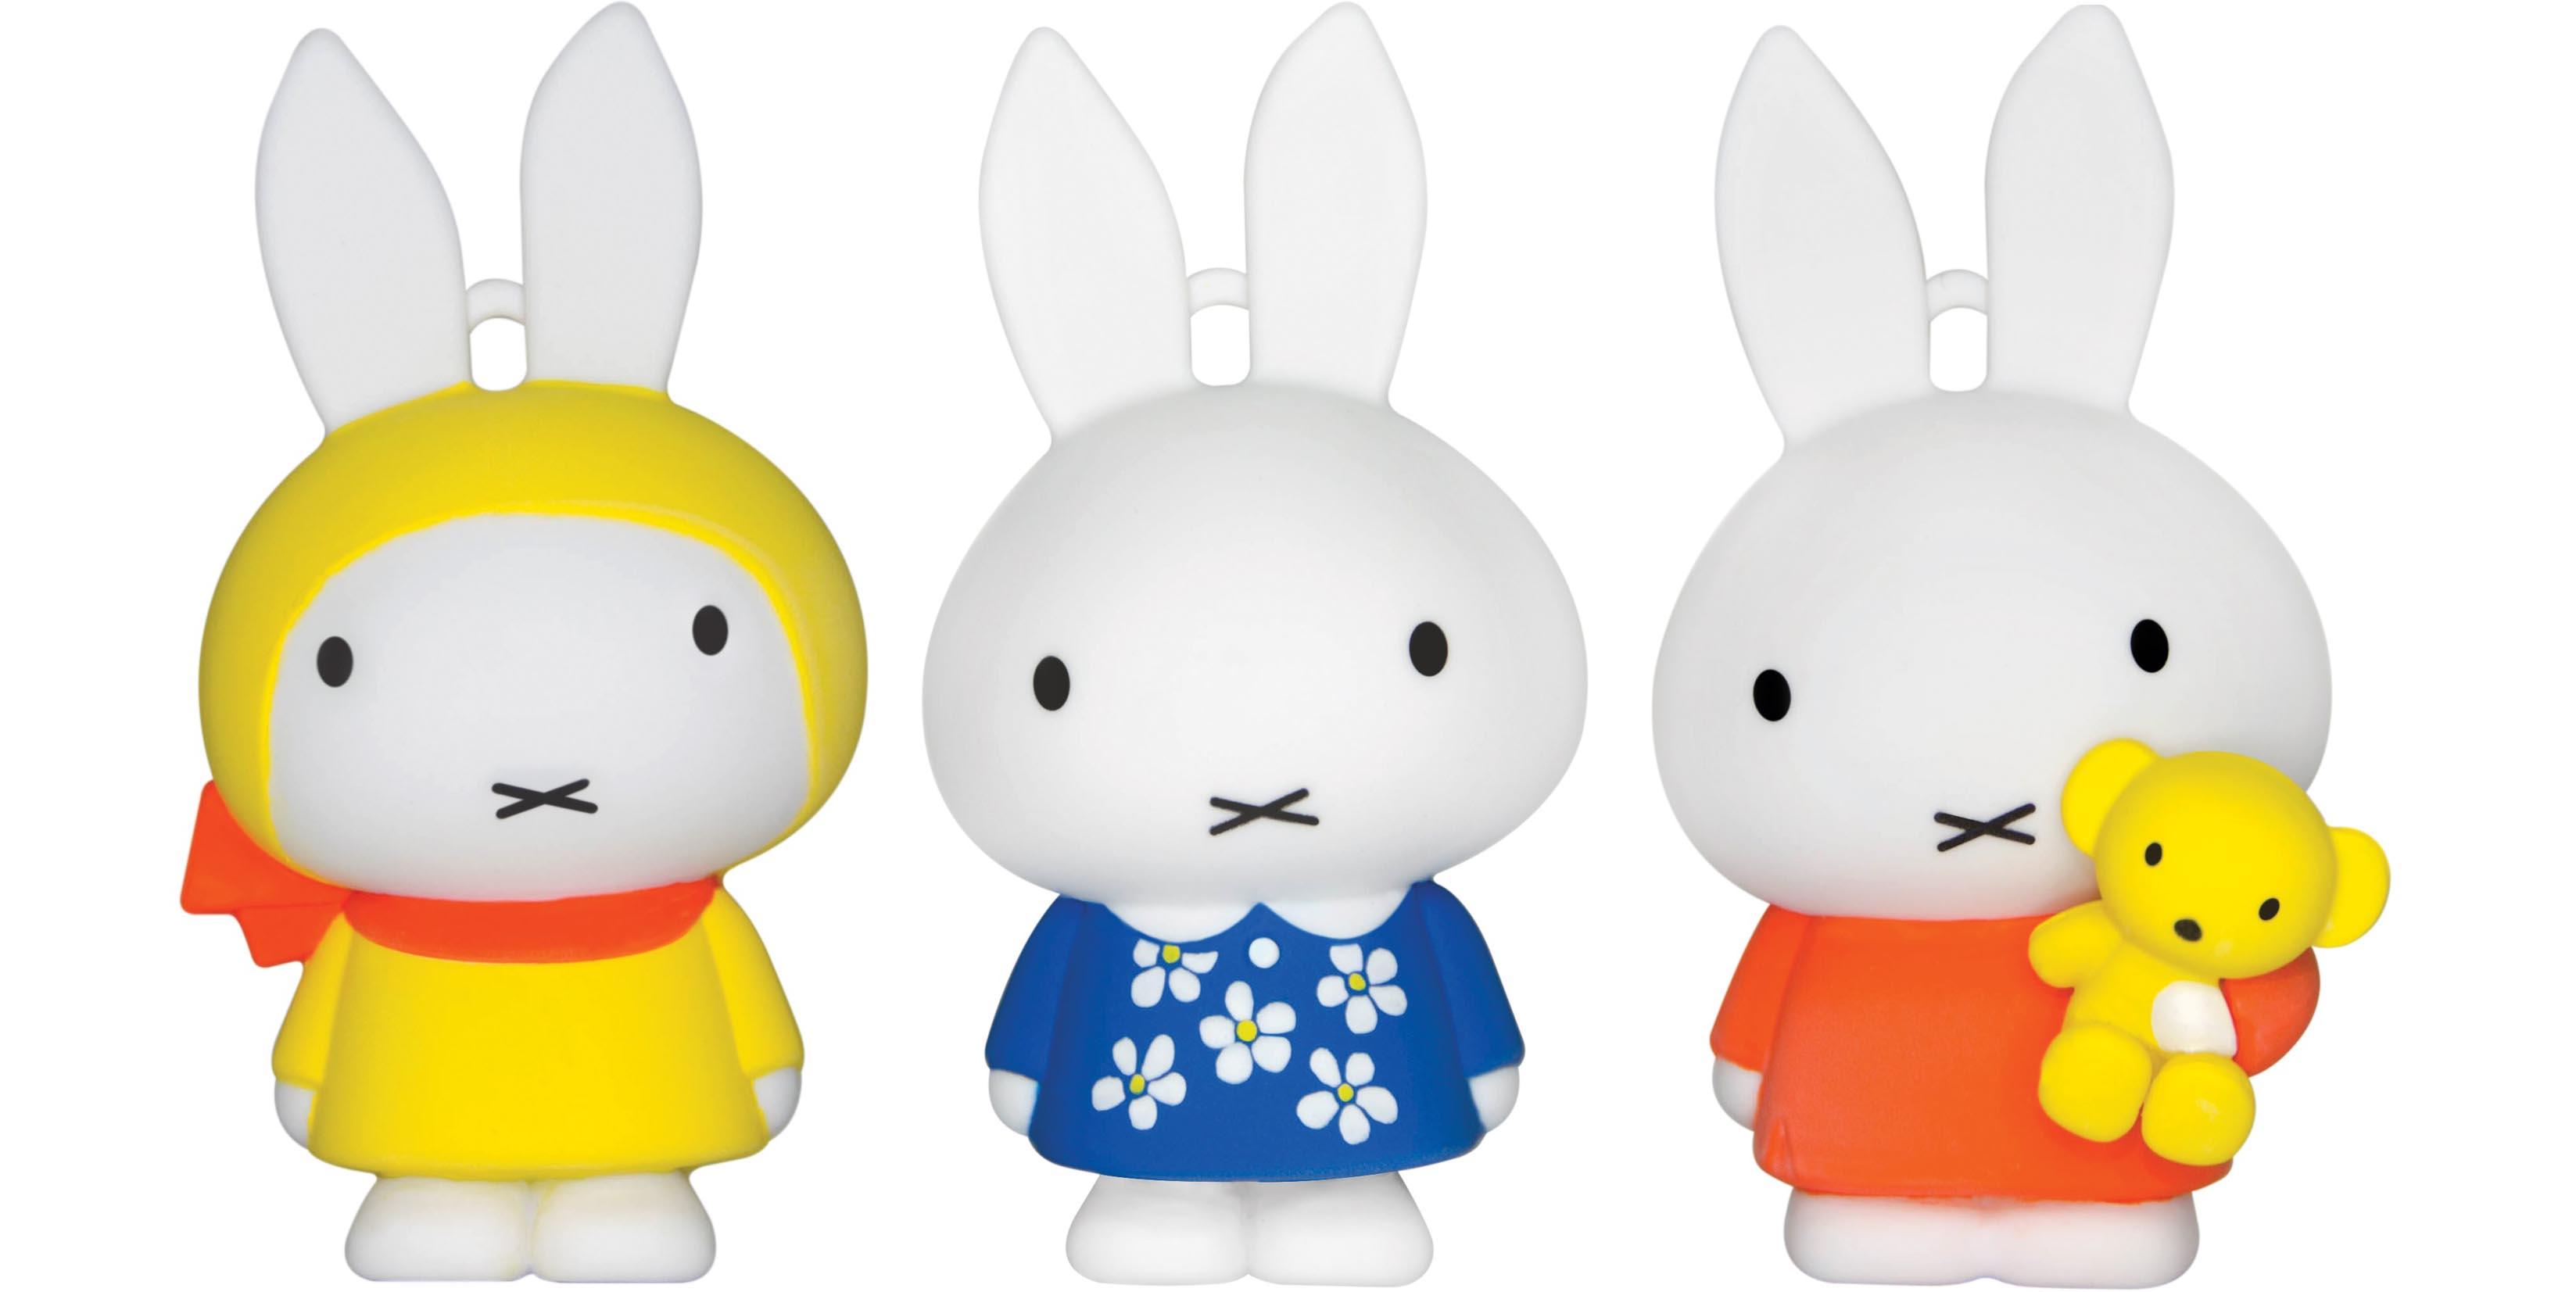 一式三款「 Miffy 3D 八達通配飾 」  經典橙裙抱熊造型超級卡娃兒